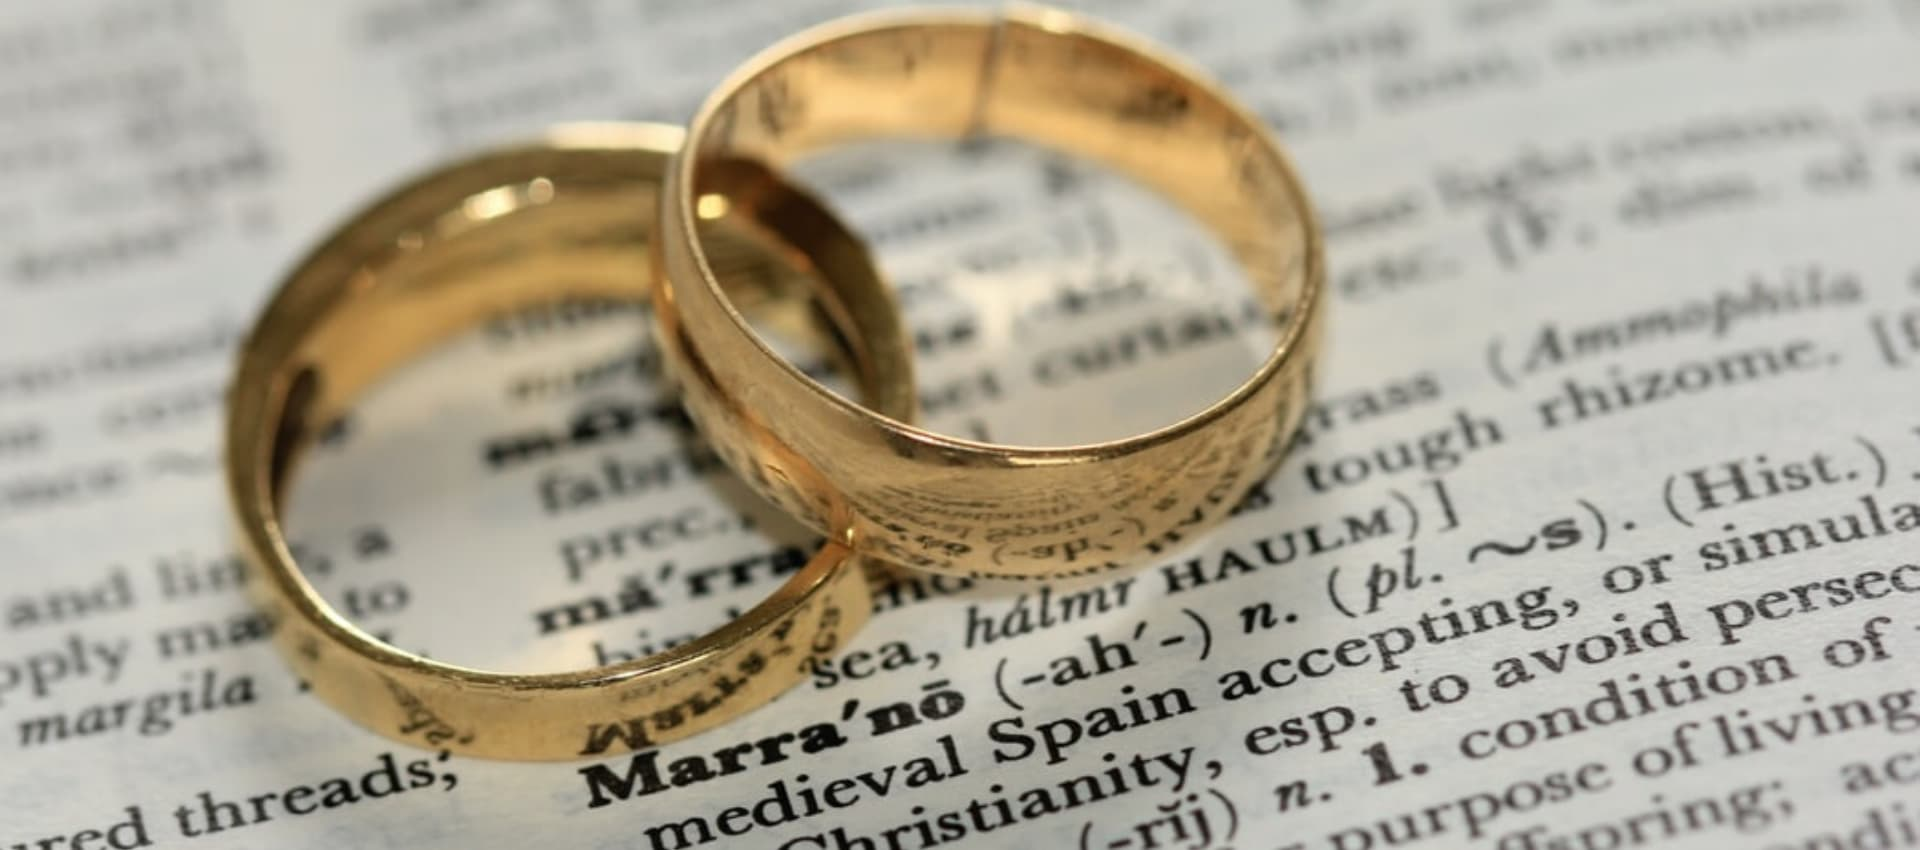 lecturas bodas civiles